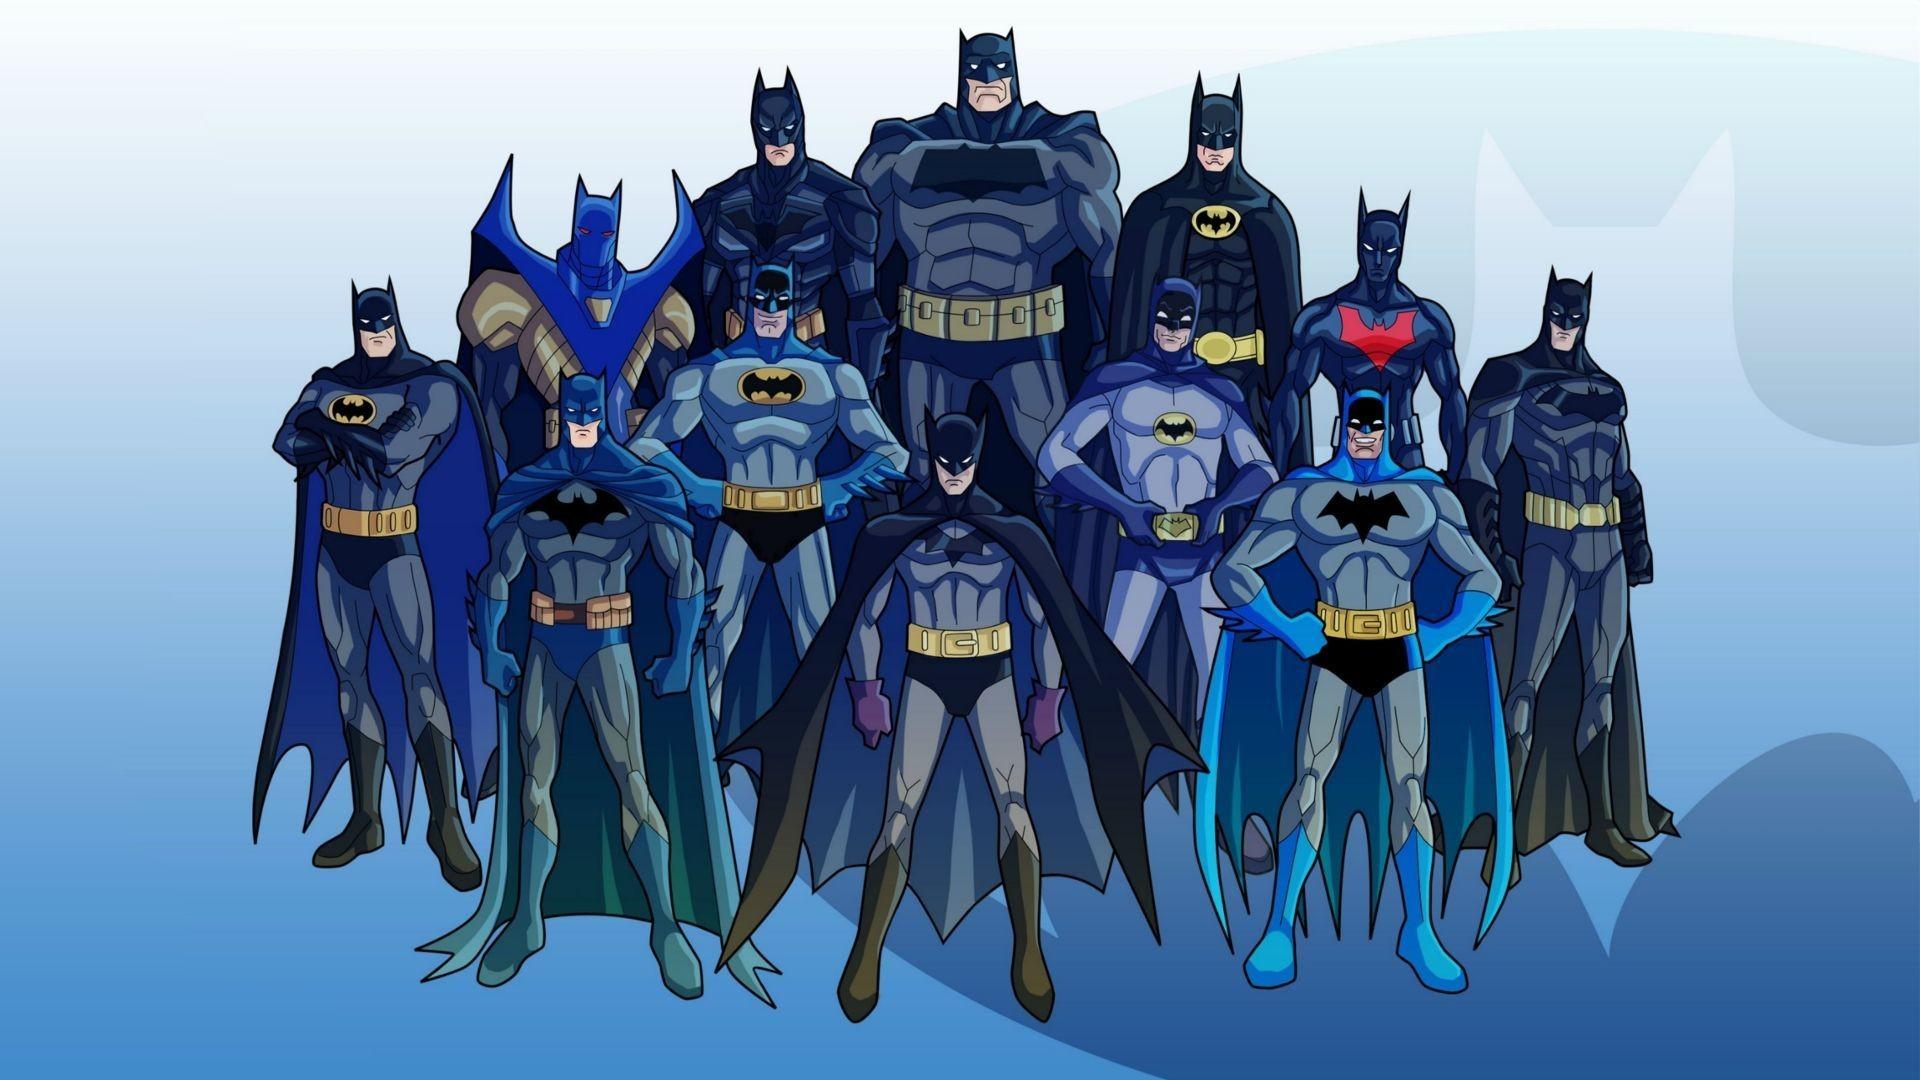 Superhero wallpapers full hd